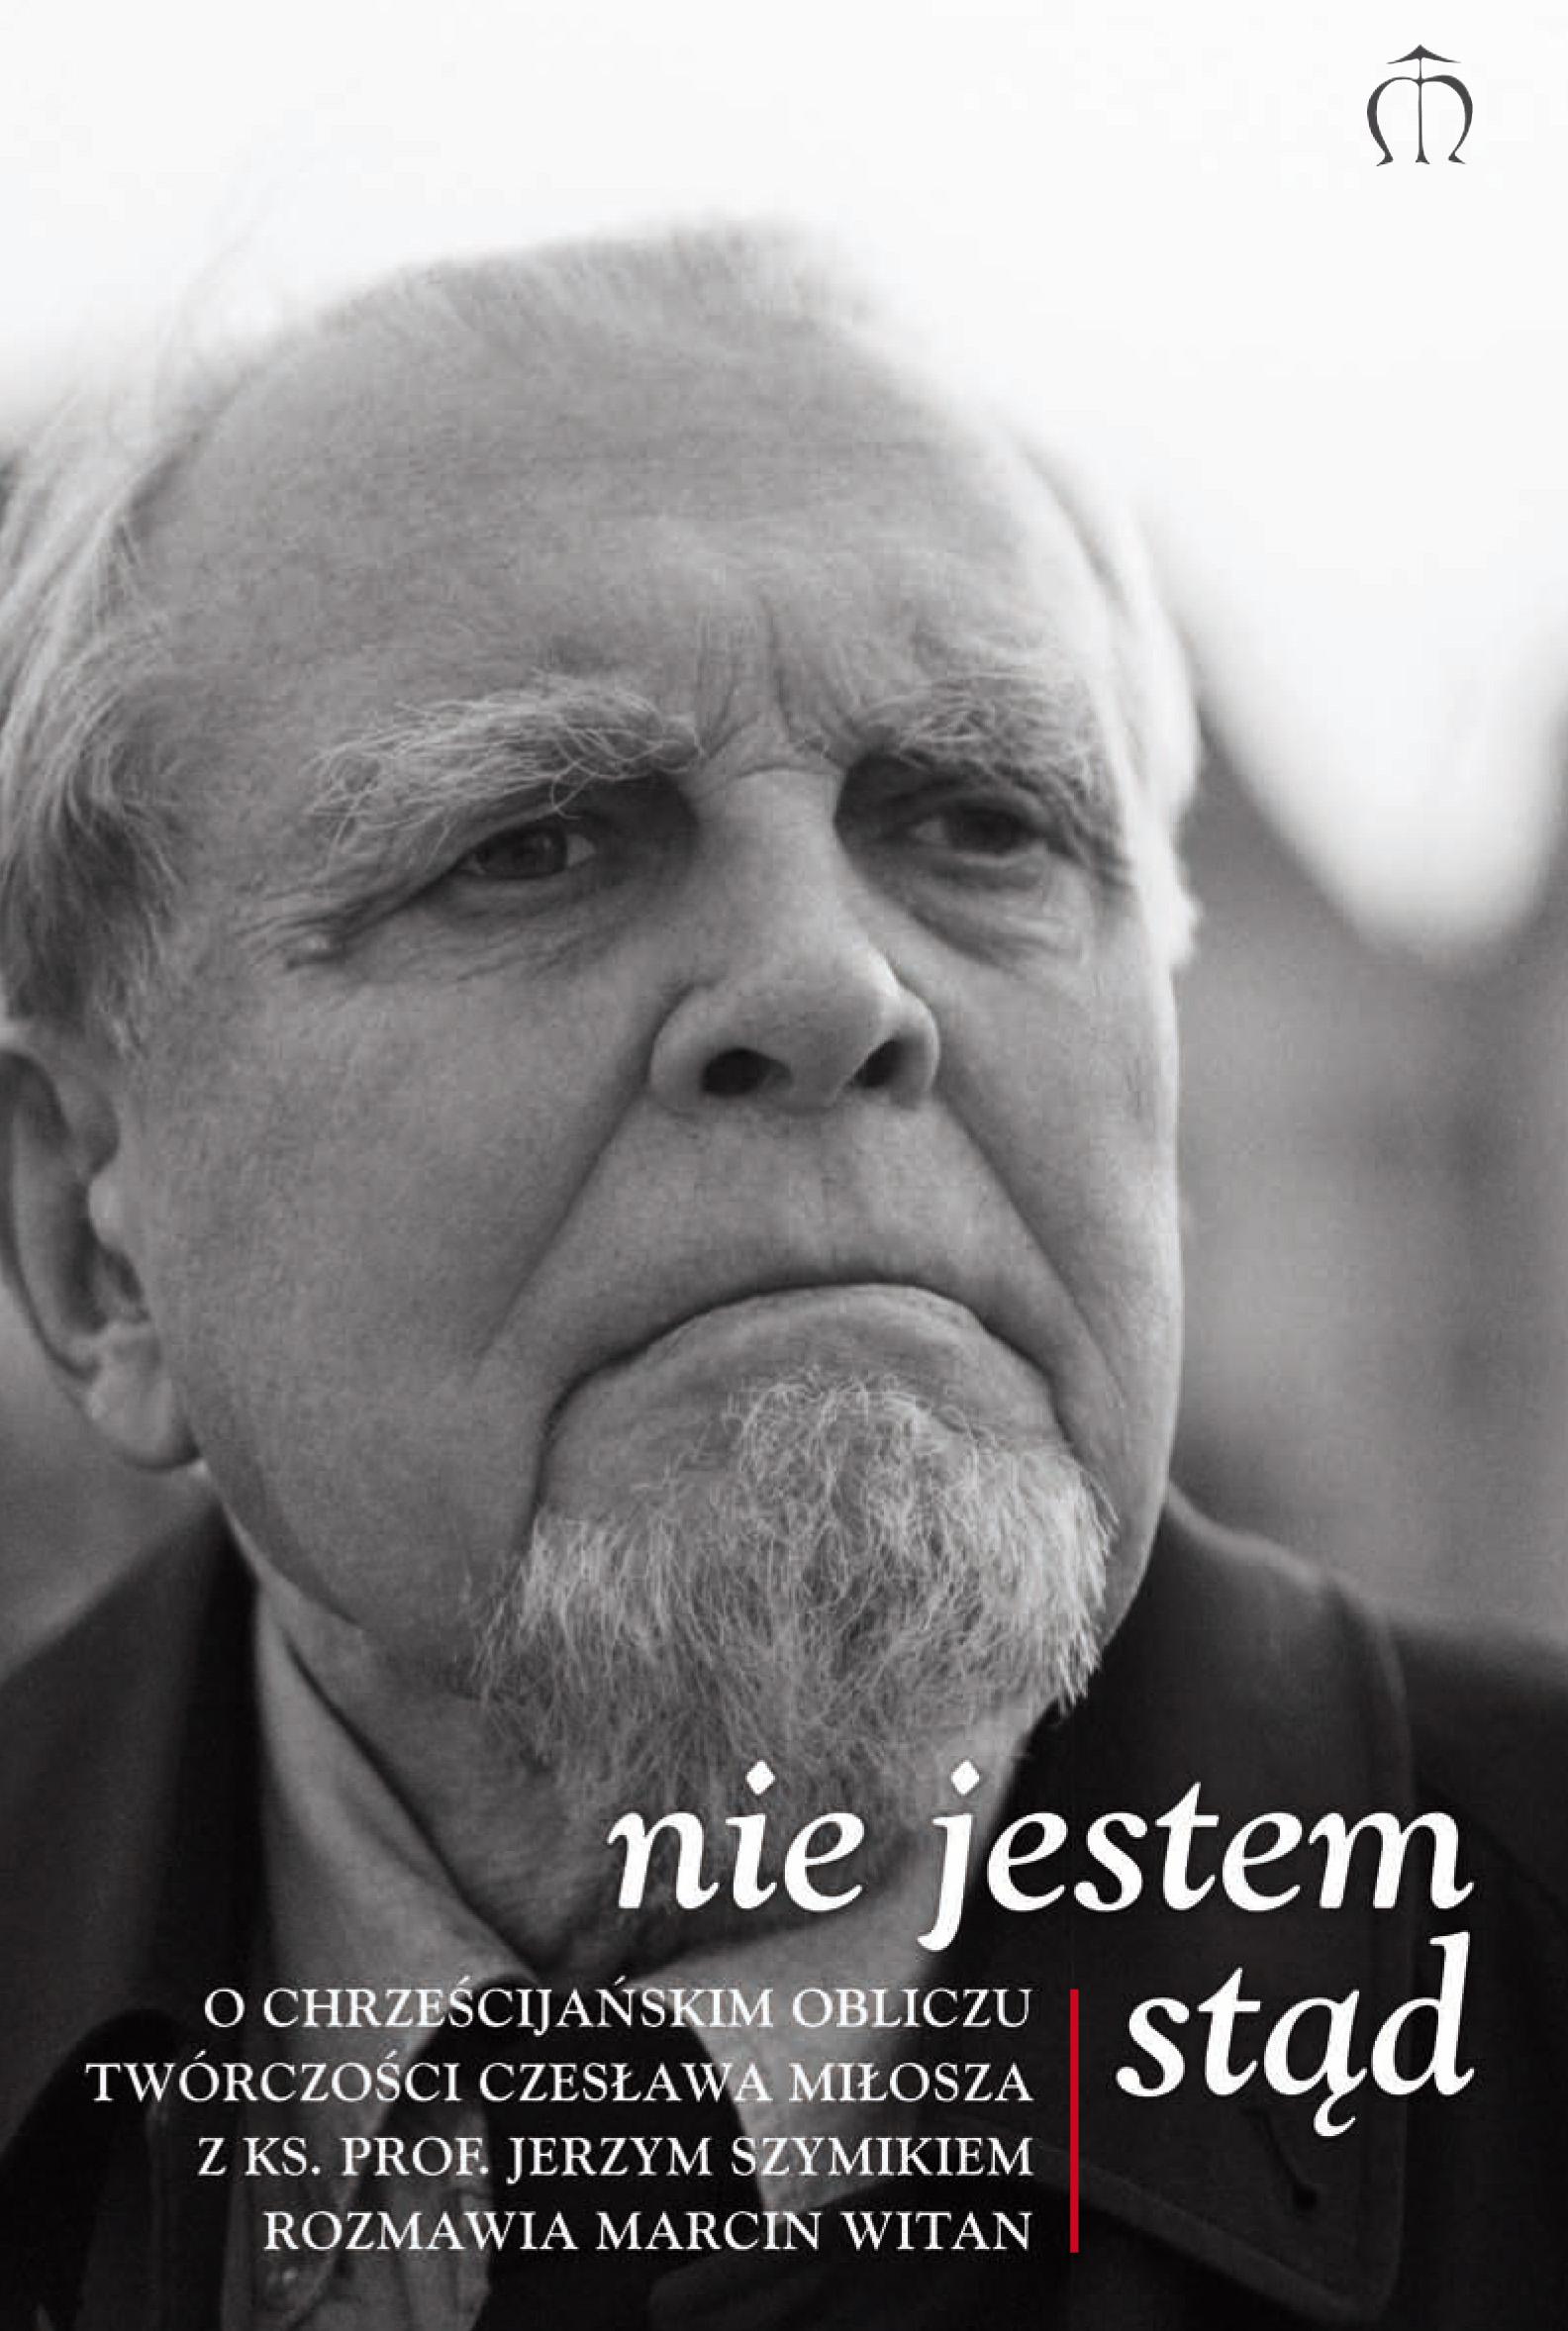 Nie jestem stąd. O chrześcijańskim obliczu twórczości Czesława Miłosza rozmowa z ks. prof. Jerzym Szymikiem